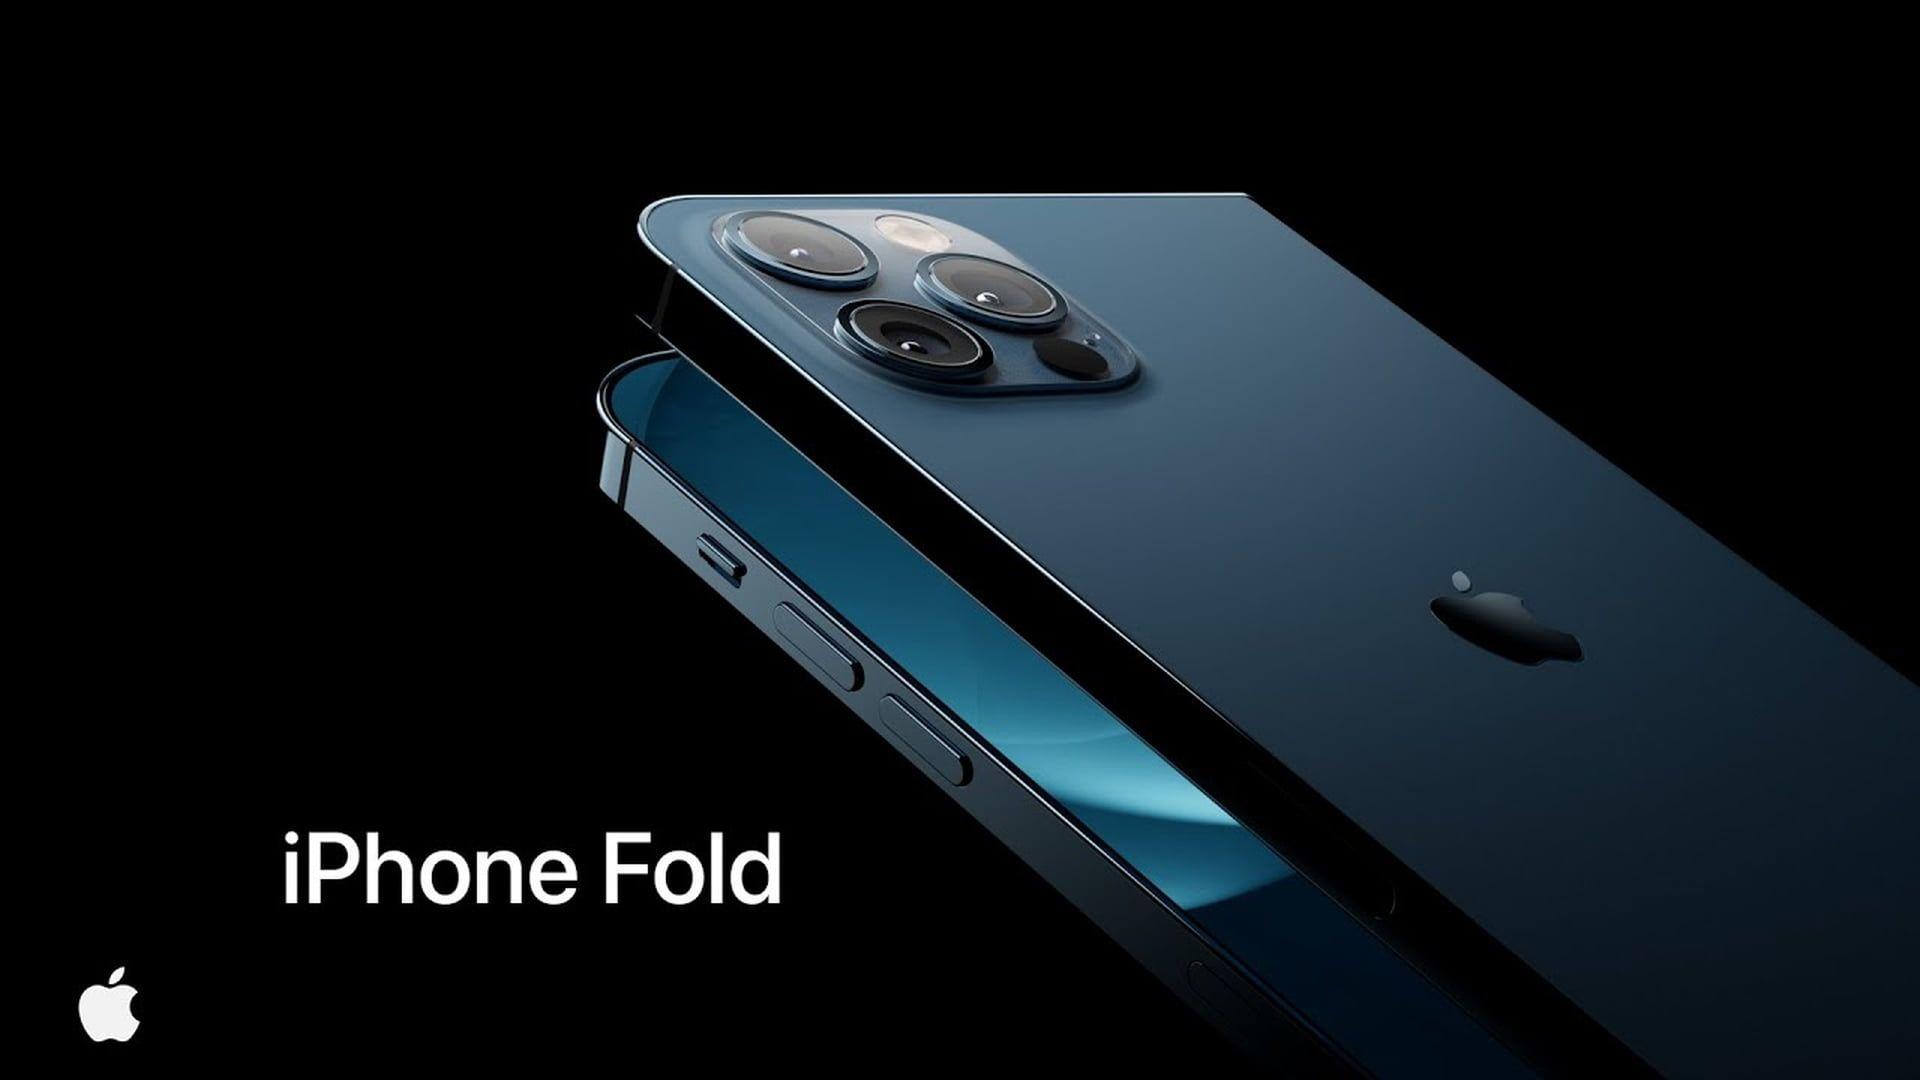 Koncepcyjna wizja wyglądu składanego iPhone'a Fold